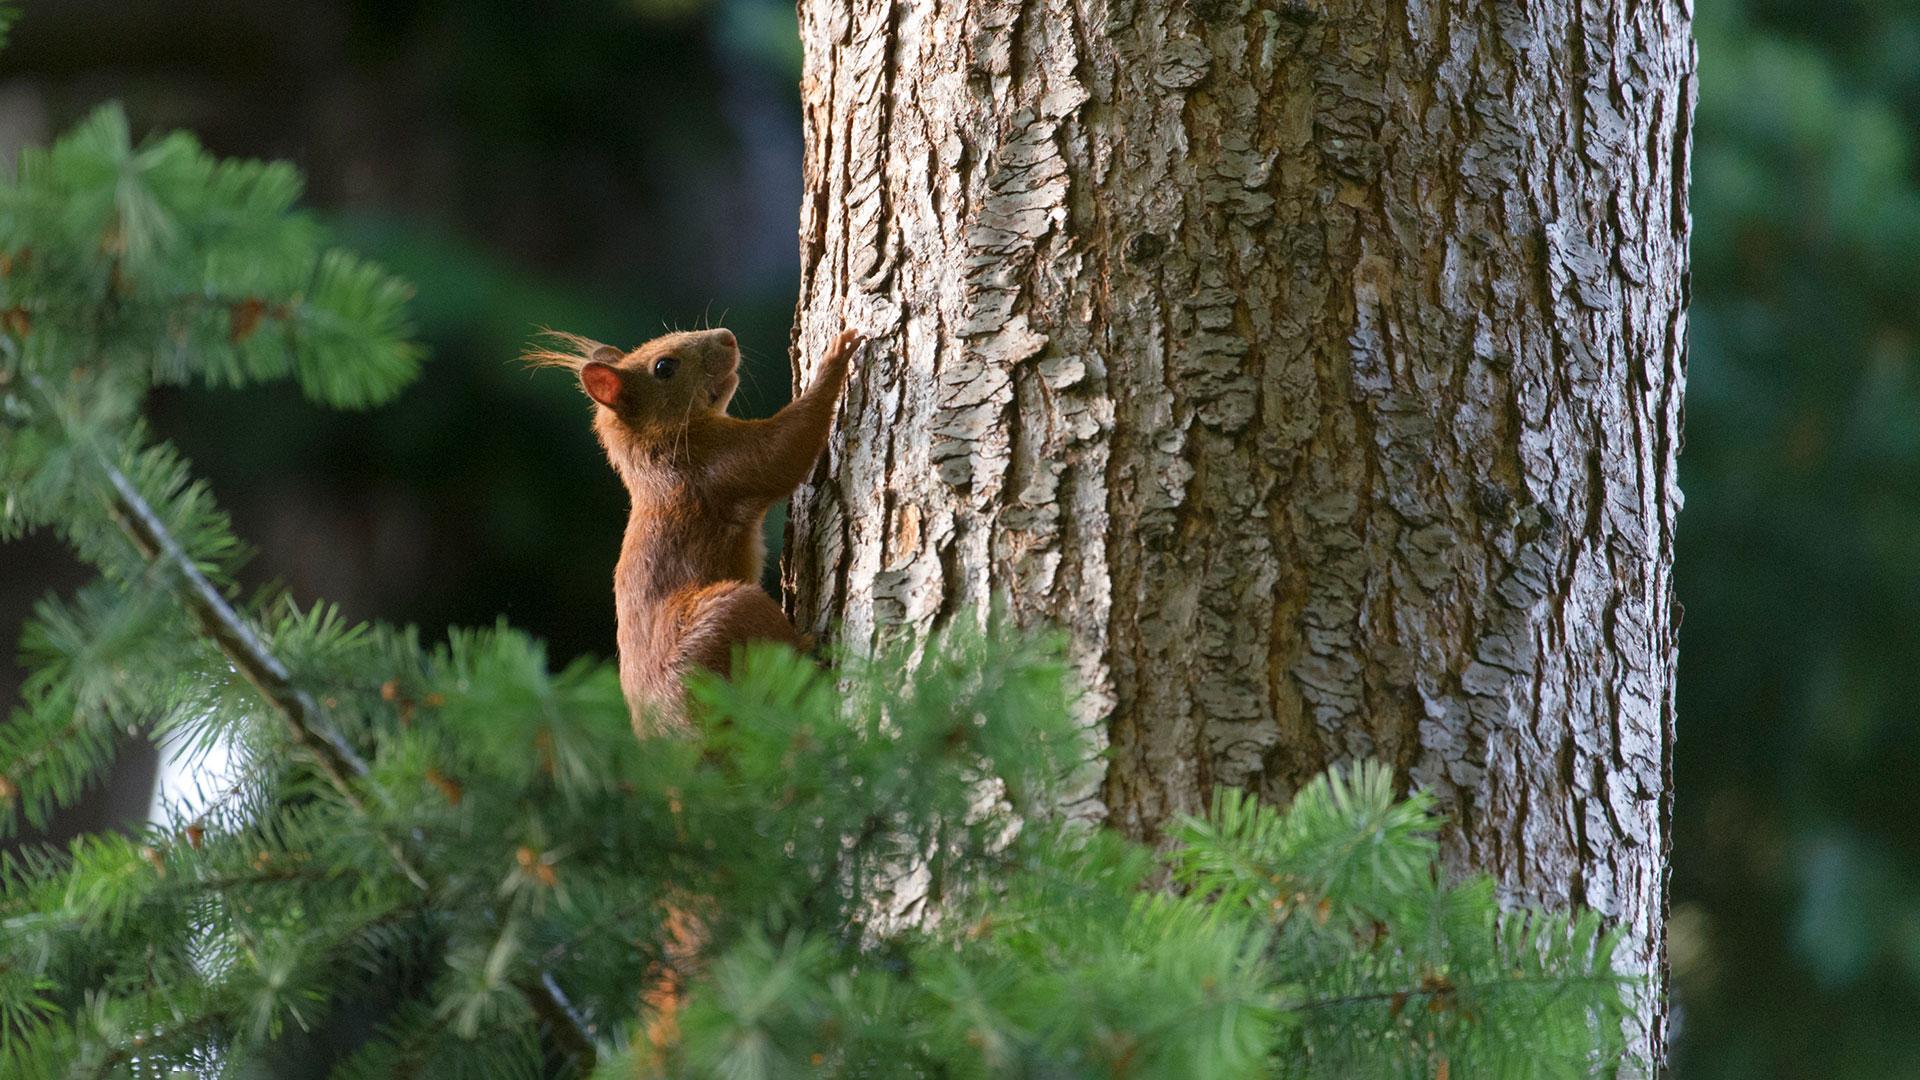 Wald entdecken: Eichhörnchen am Baum